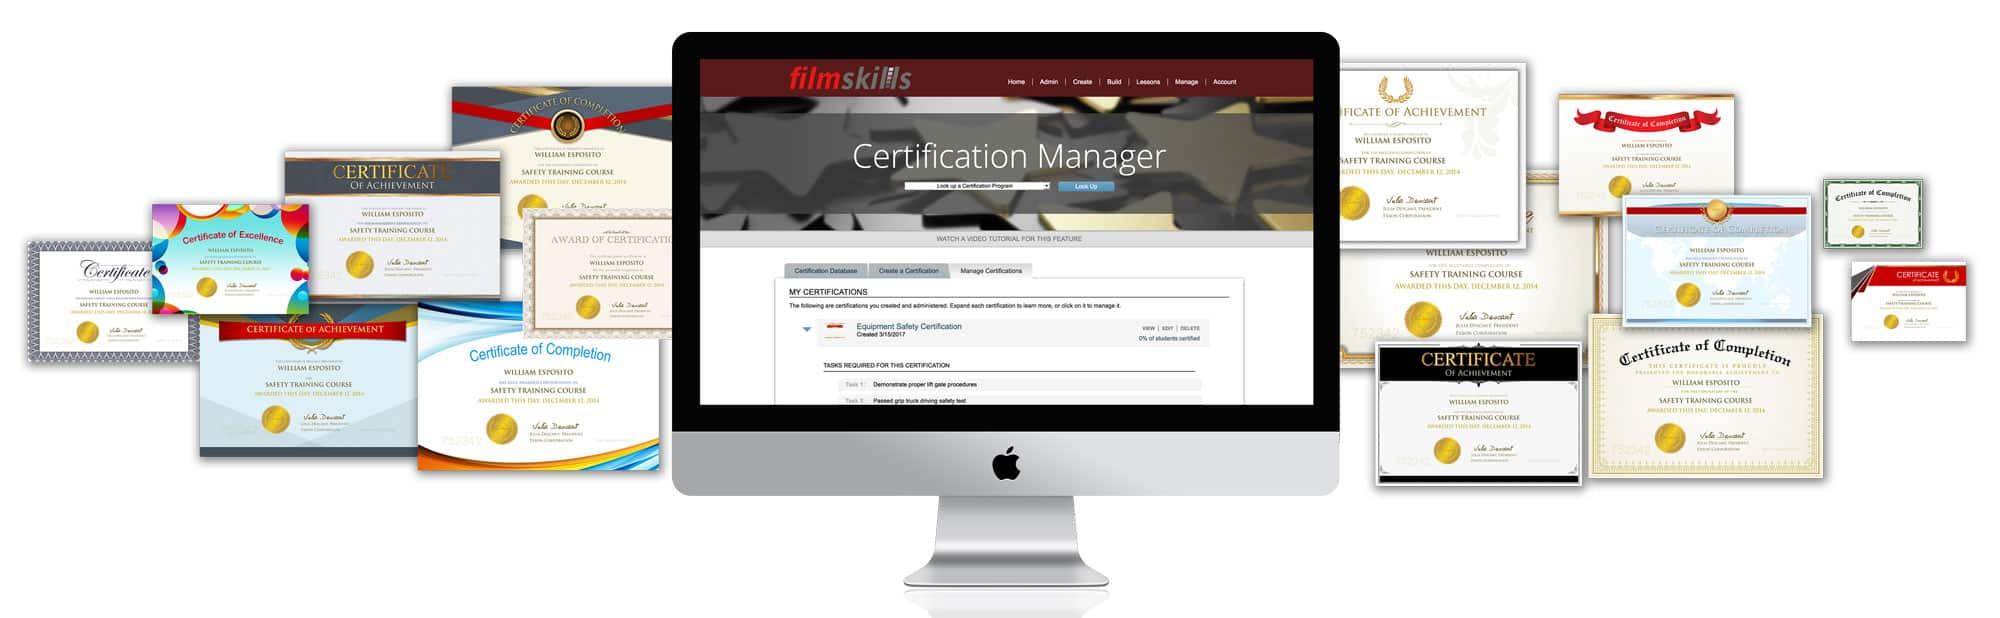 FilmSkills---Certification